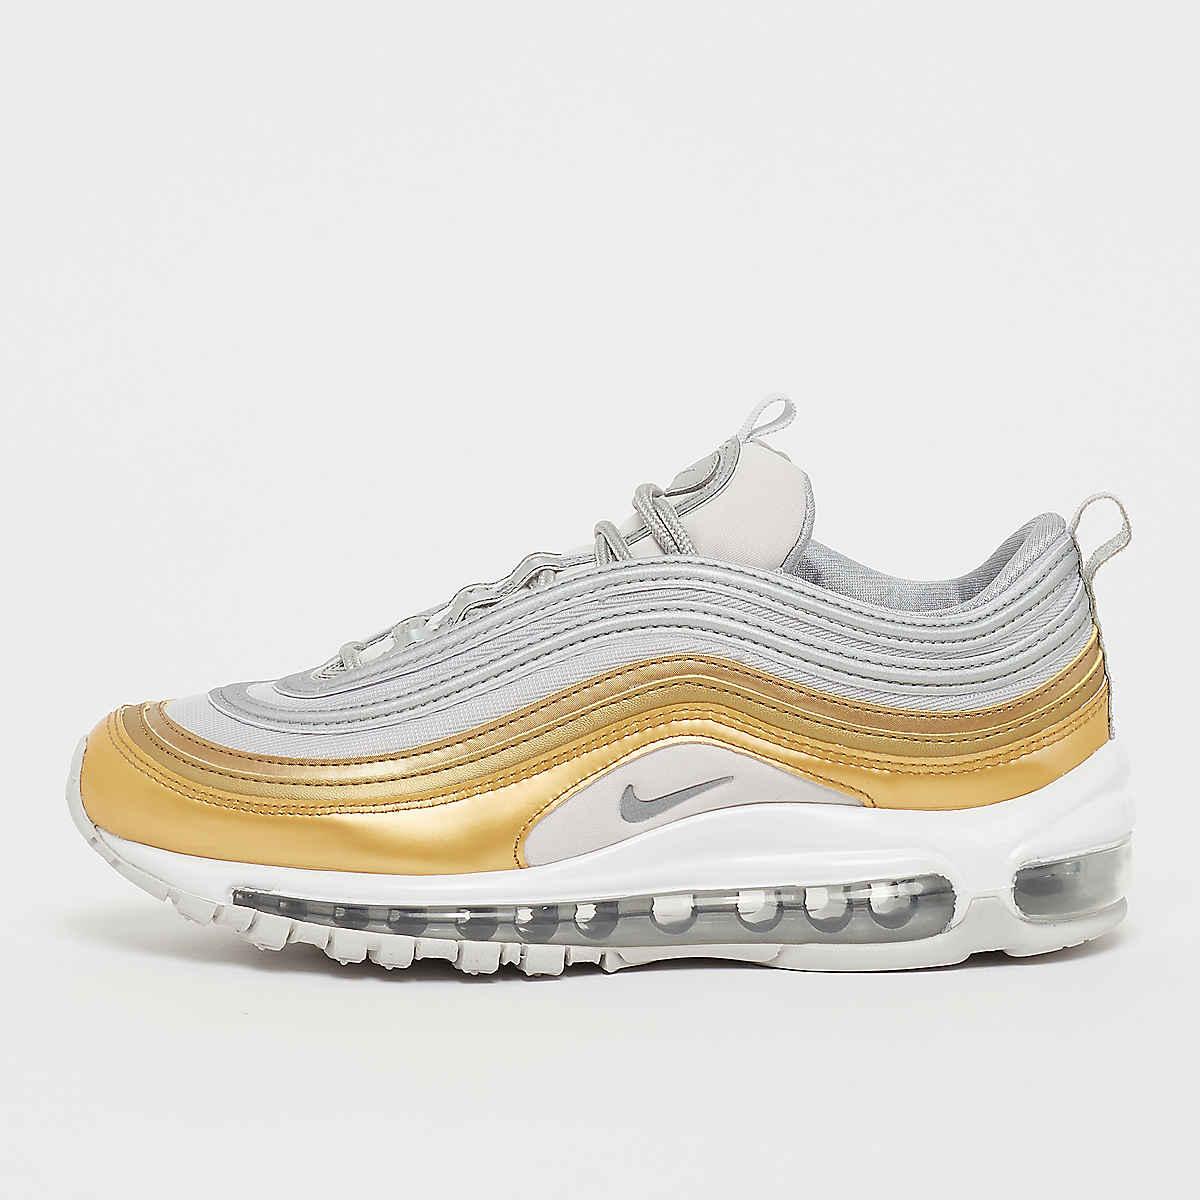 Nike Air Max 97 damessneaker zilver